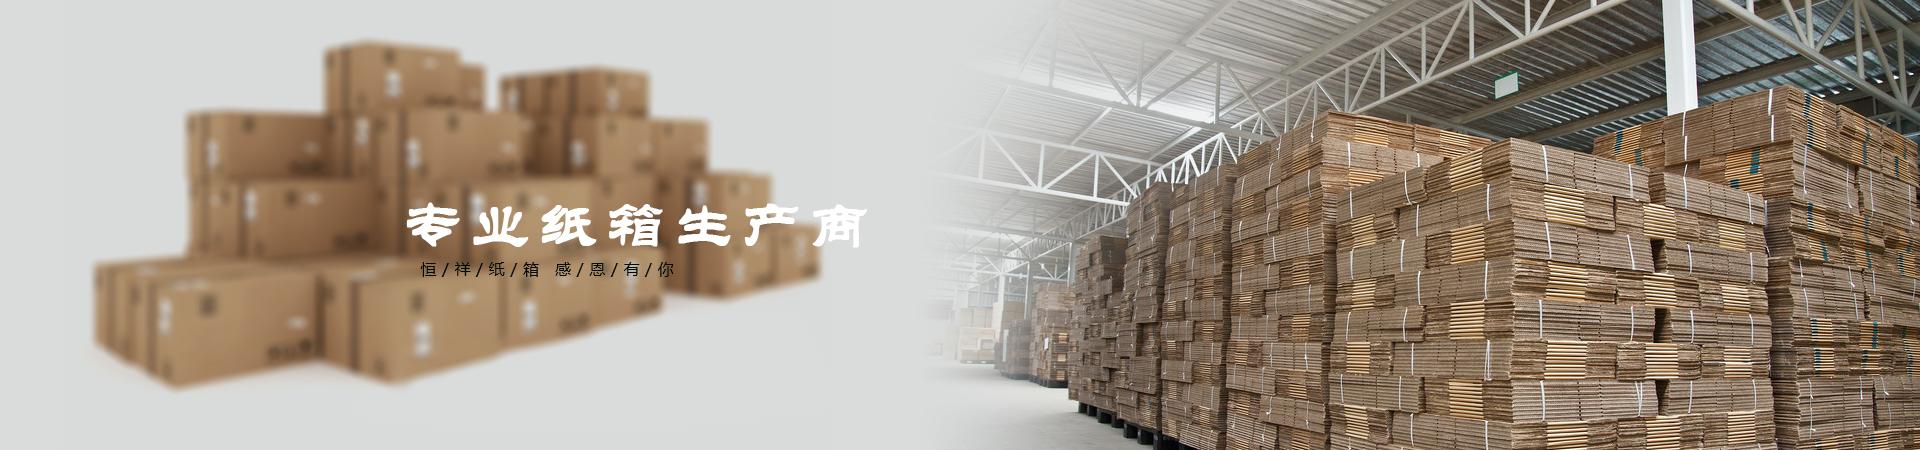 专业纸箱生产商